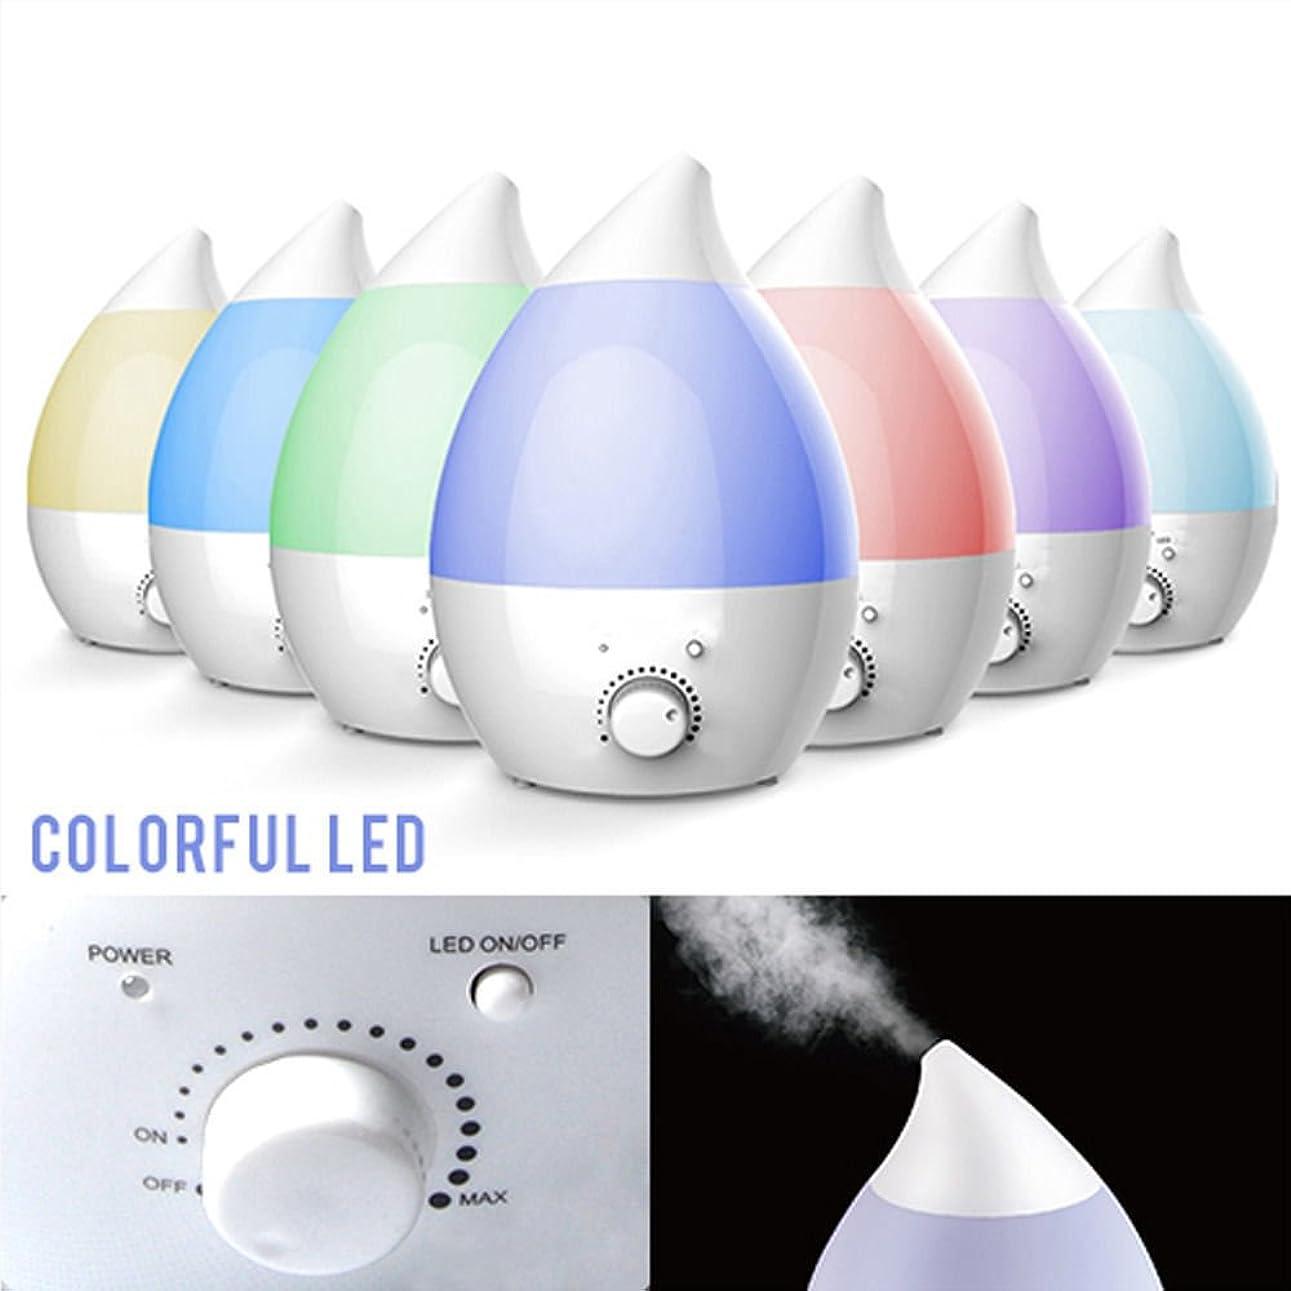 穿孔する神フレームワーク1.3L超音波式 アロマ加湿器ディフューザー しずく型 無段階加湿量調整 7色自動変換LED付き(ホワイト)【ATTYOUオンラインオリジナル商品】